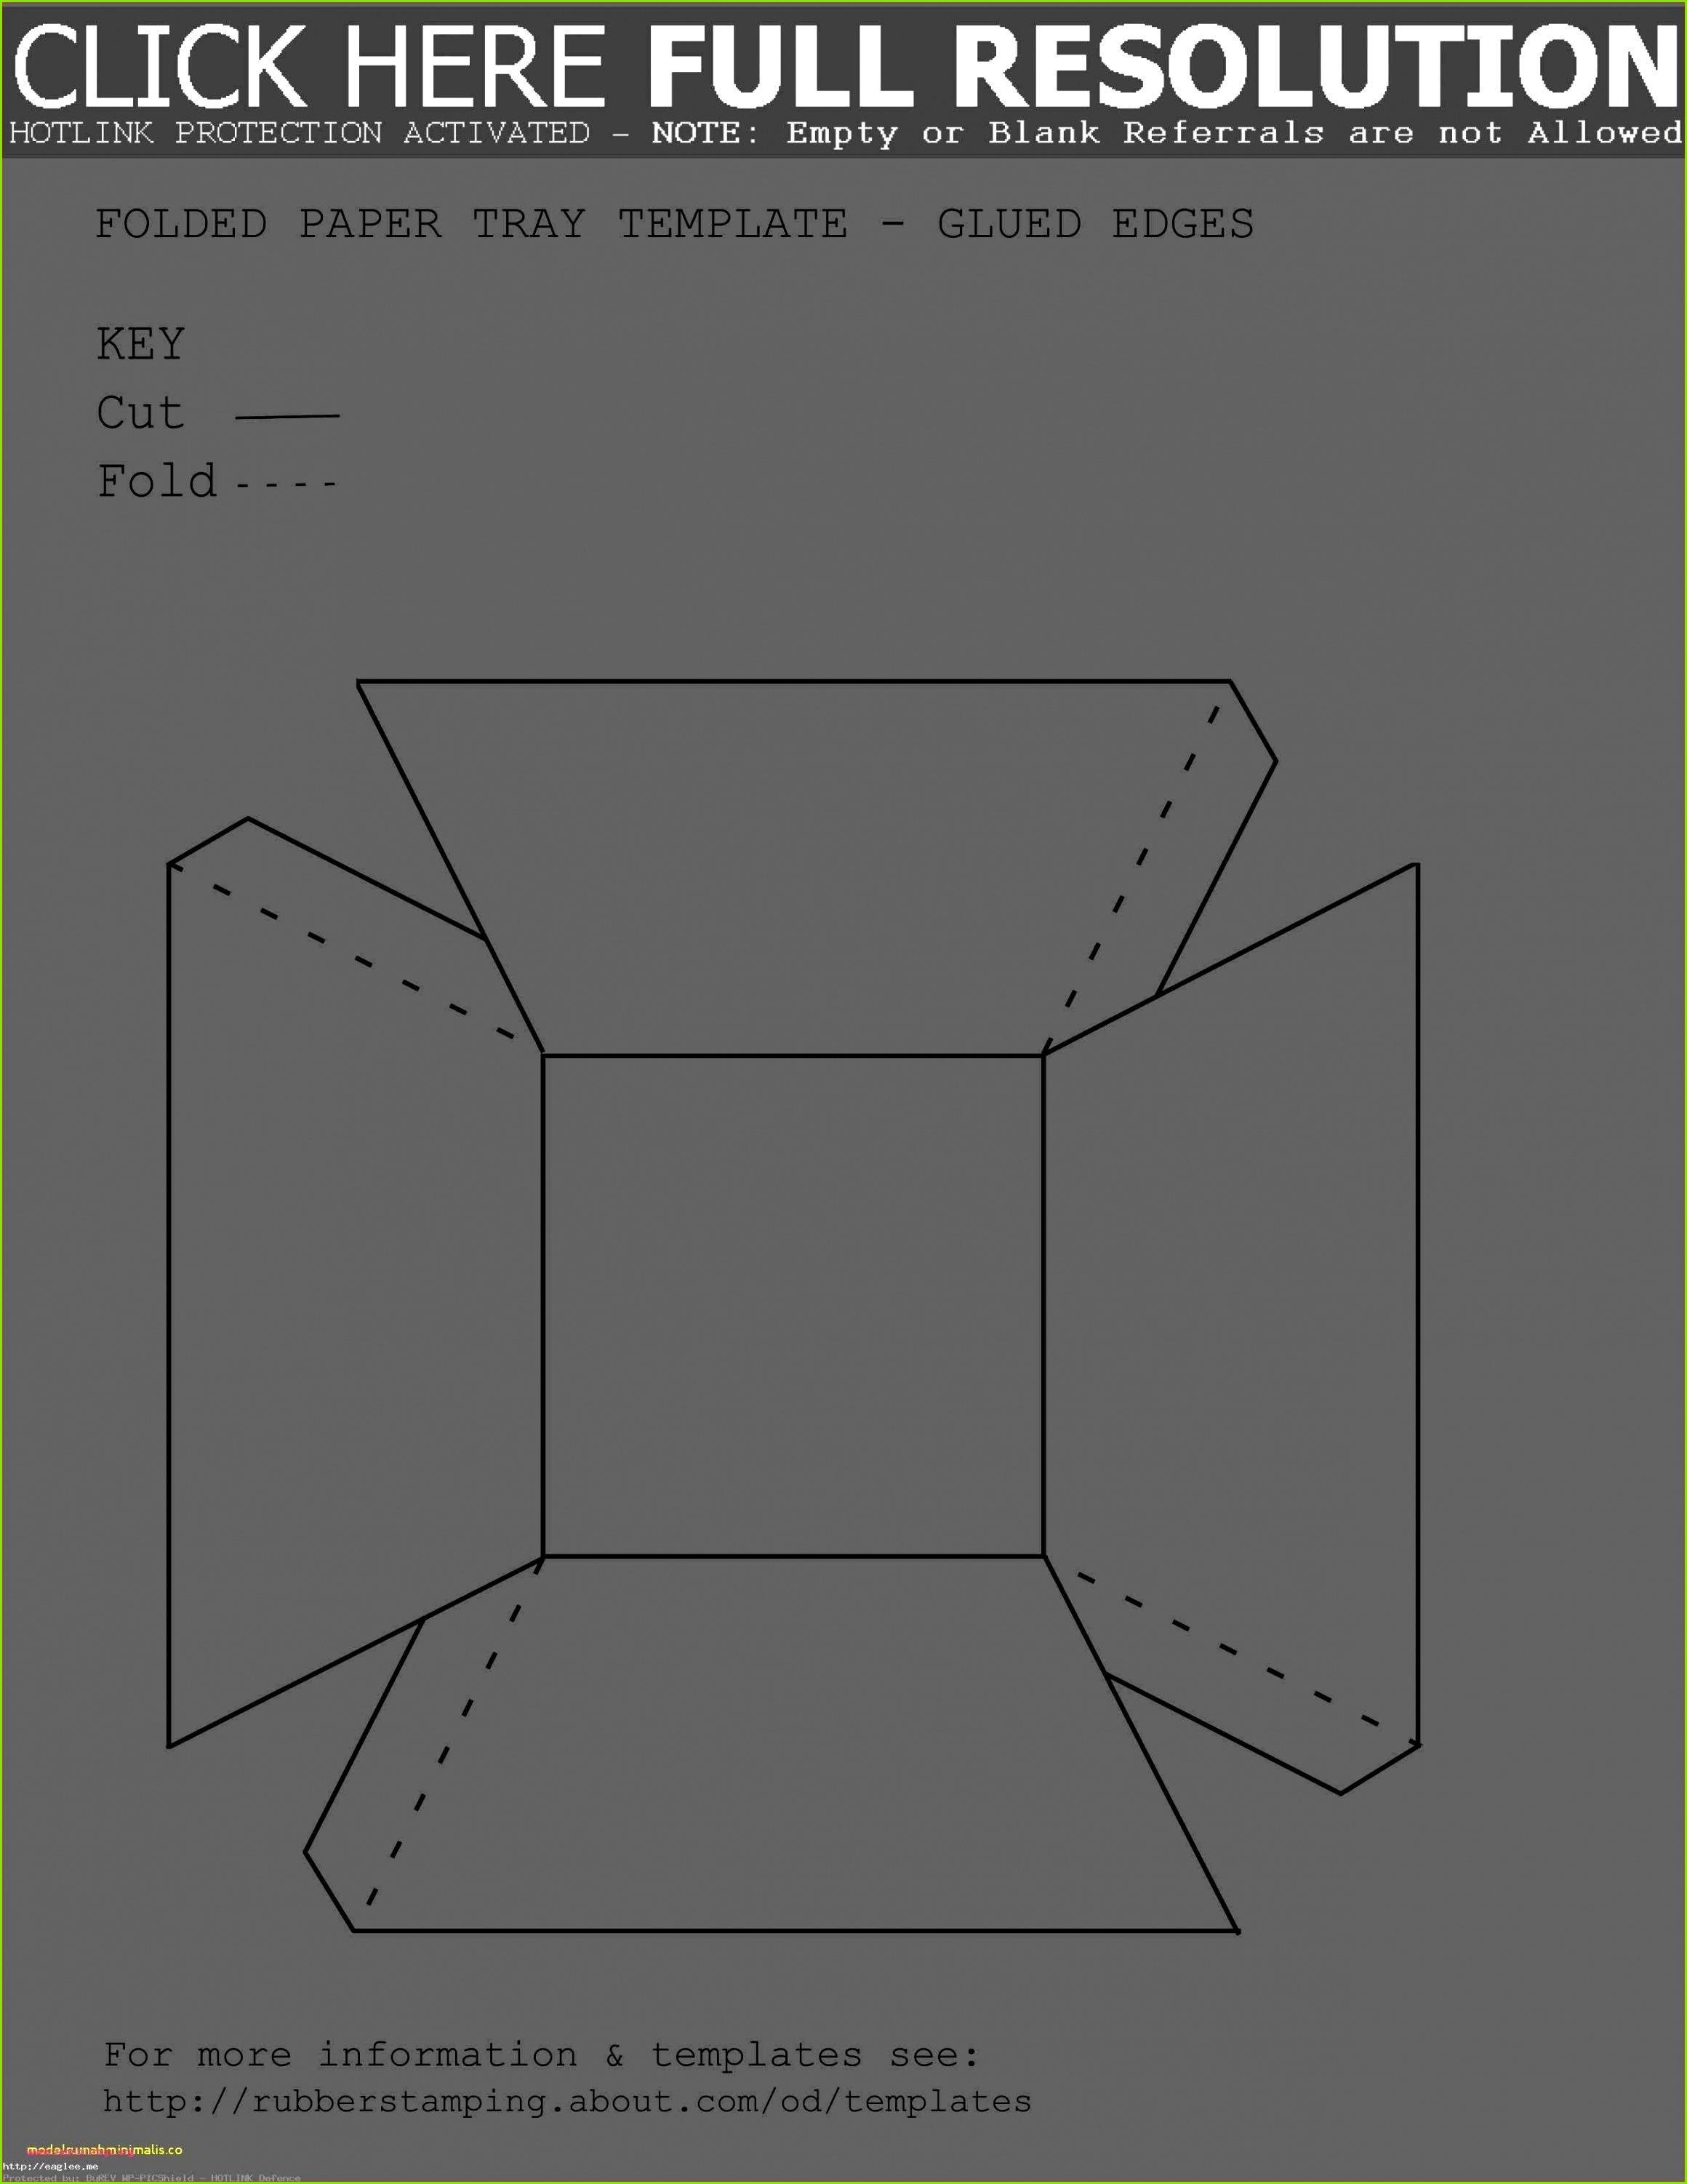 beste ishikawa diagramm vorlage powerpoint foto inspirierend ac29cc293 prestigious renaissance powerpoint template tun of beste ishikawa diagramm vorlage powerpoint foto